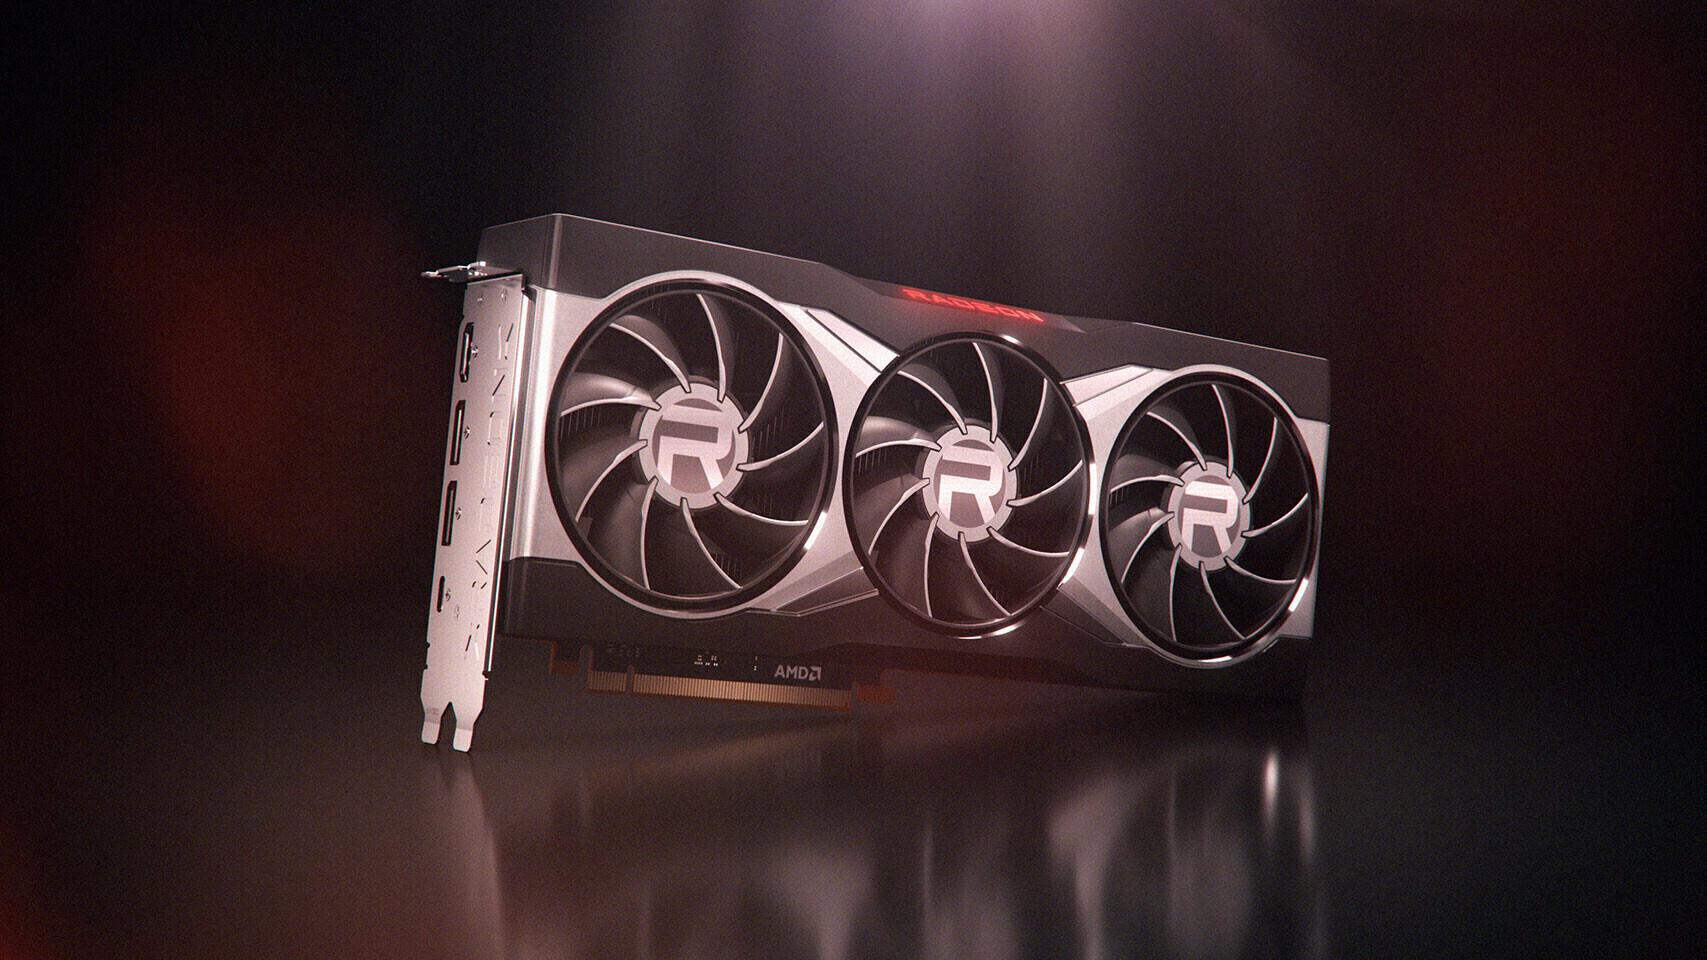 Llamada de ganancias de AMD: la producción de GPU está aumentando y las GPU móviles están programadas para llegar más tarde este trimestre